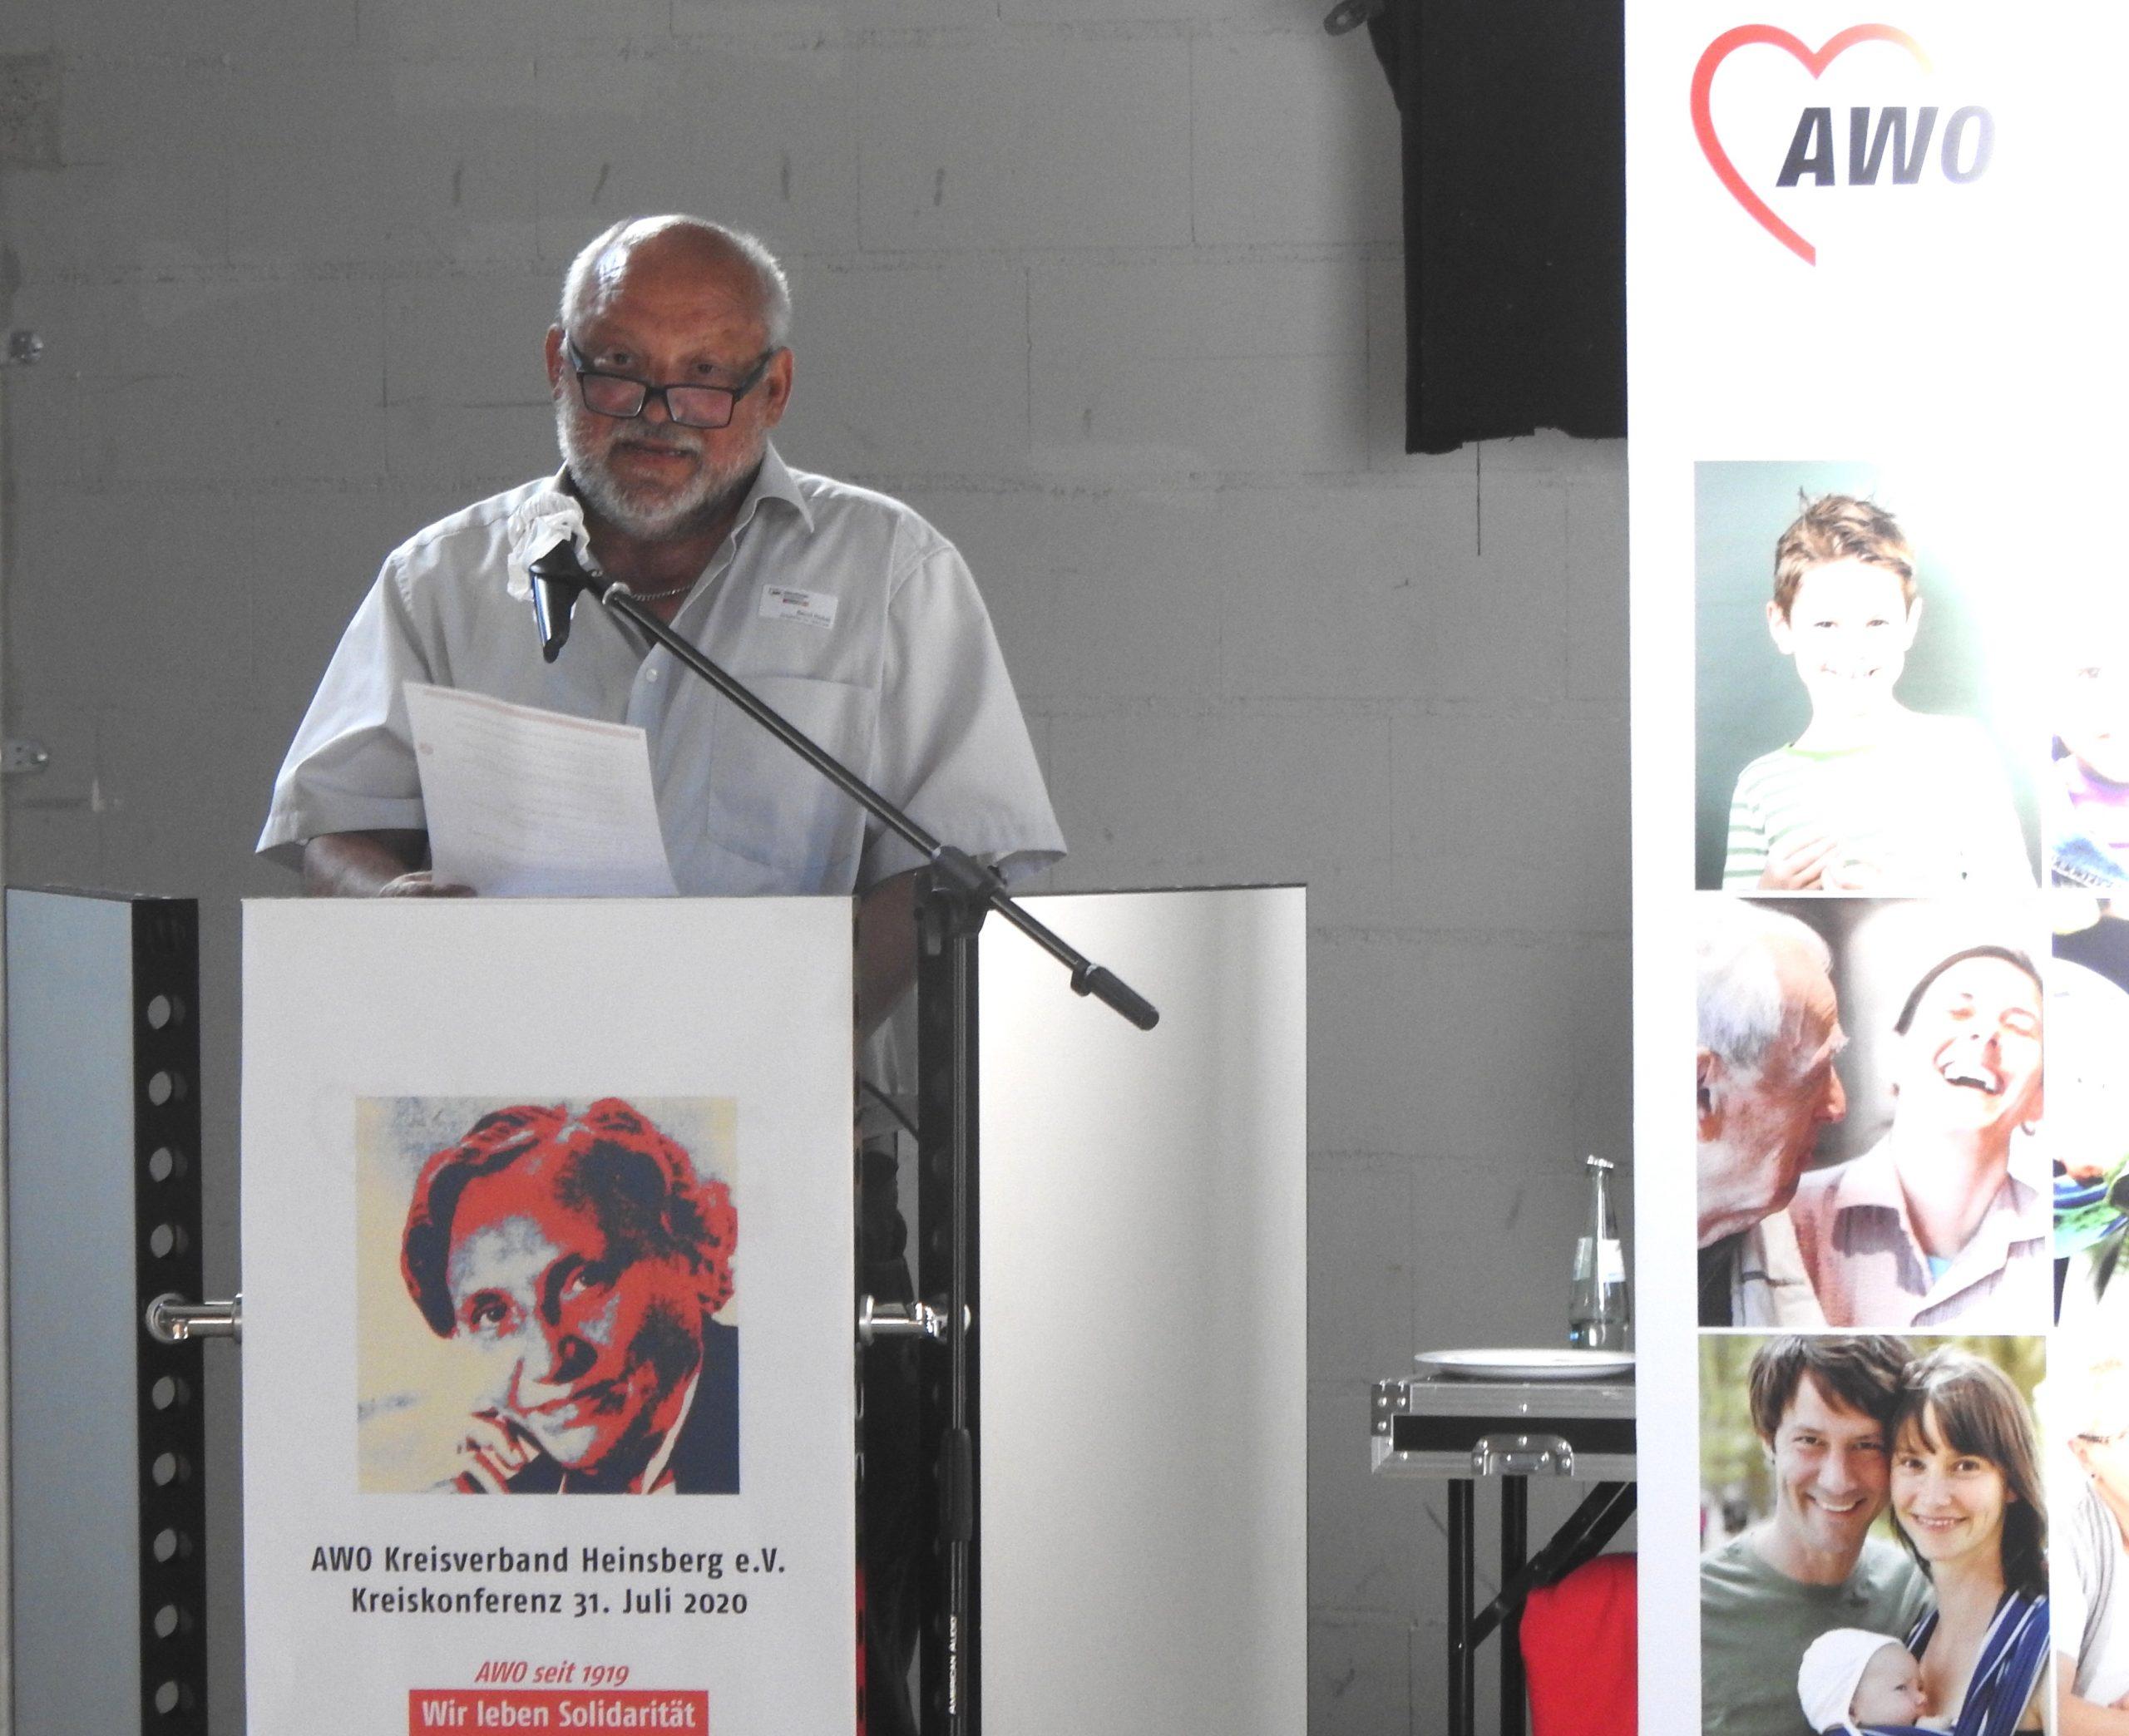 Wir leben Solidarität – bei der Kreiskonferenz der AWO im Kreis Heinsberg wird Bernd Reibel als Vorsitzender bestätigt 1